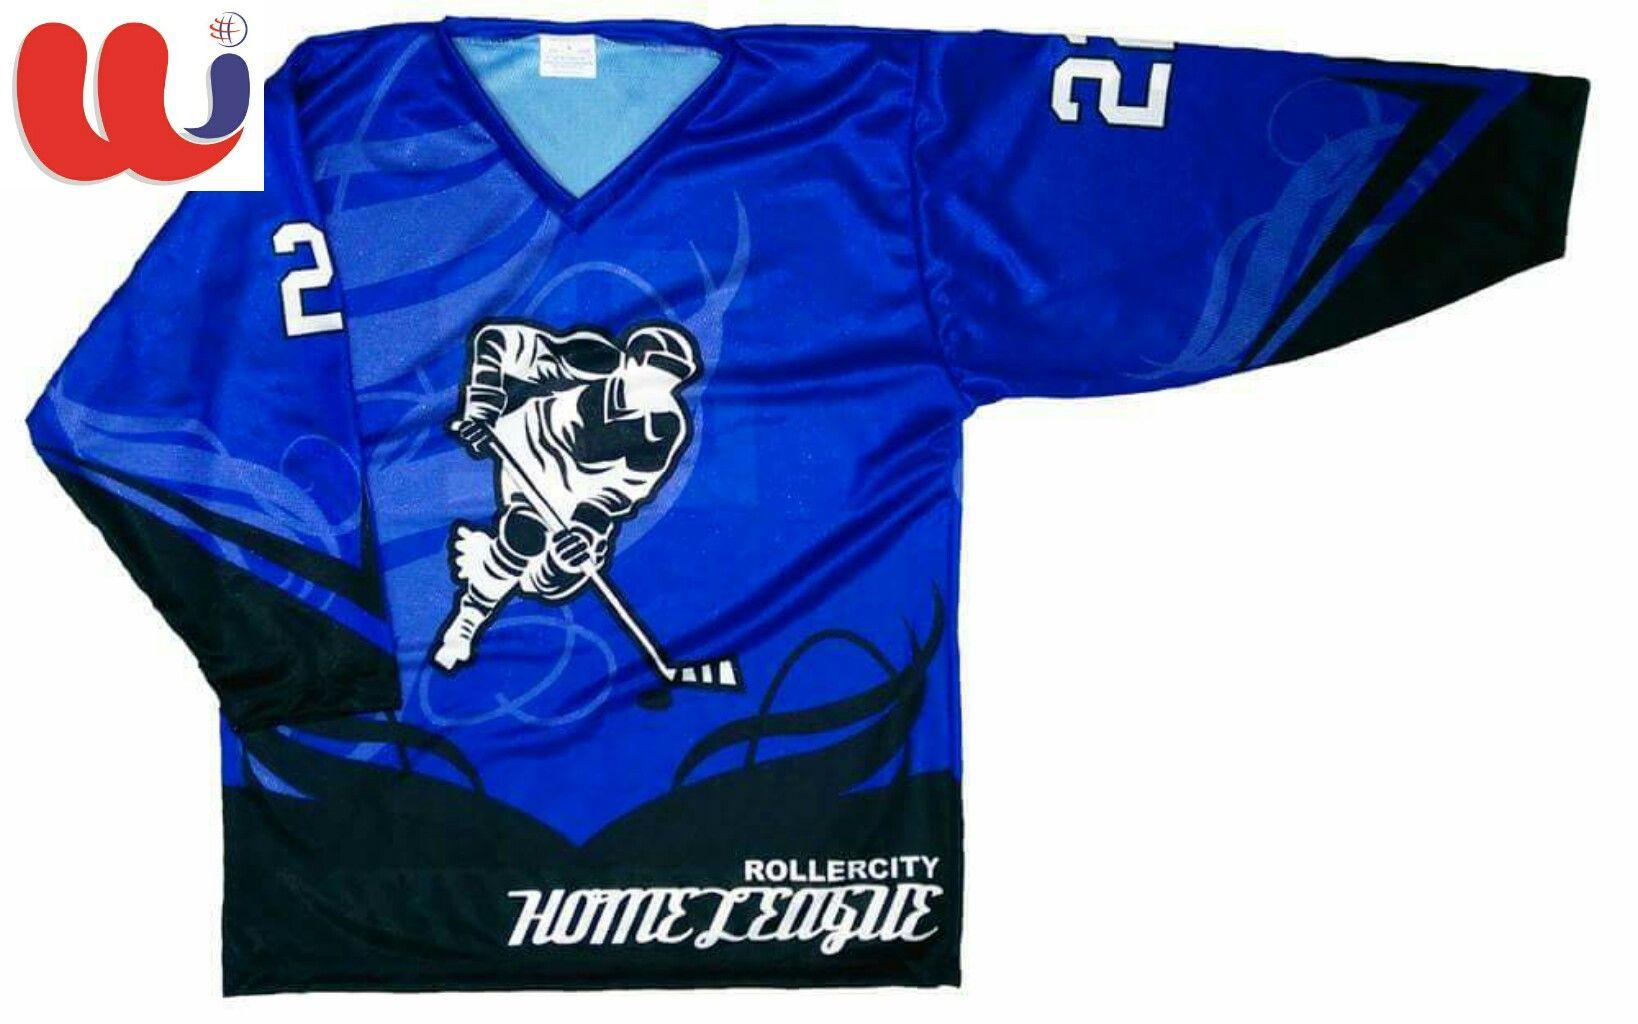 Custom hockey jerseys 230 gsm dri fit stuff choose